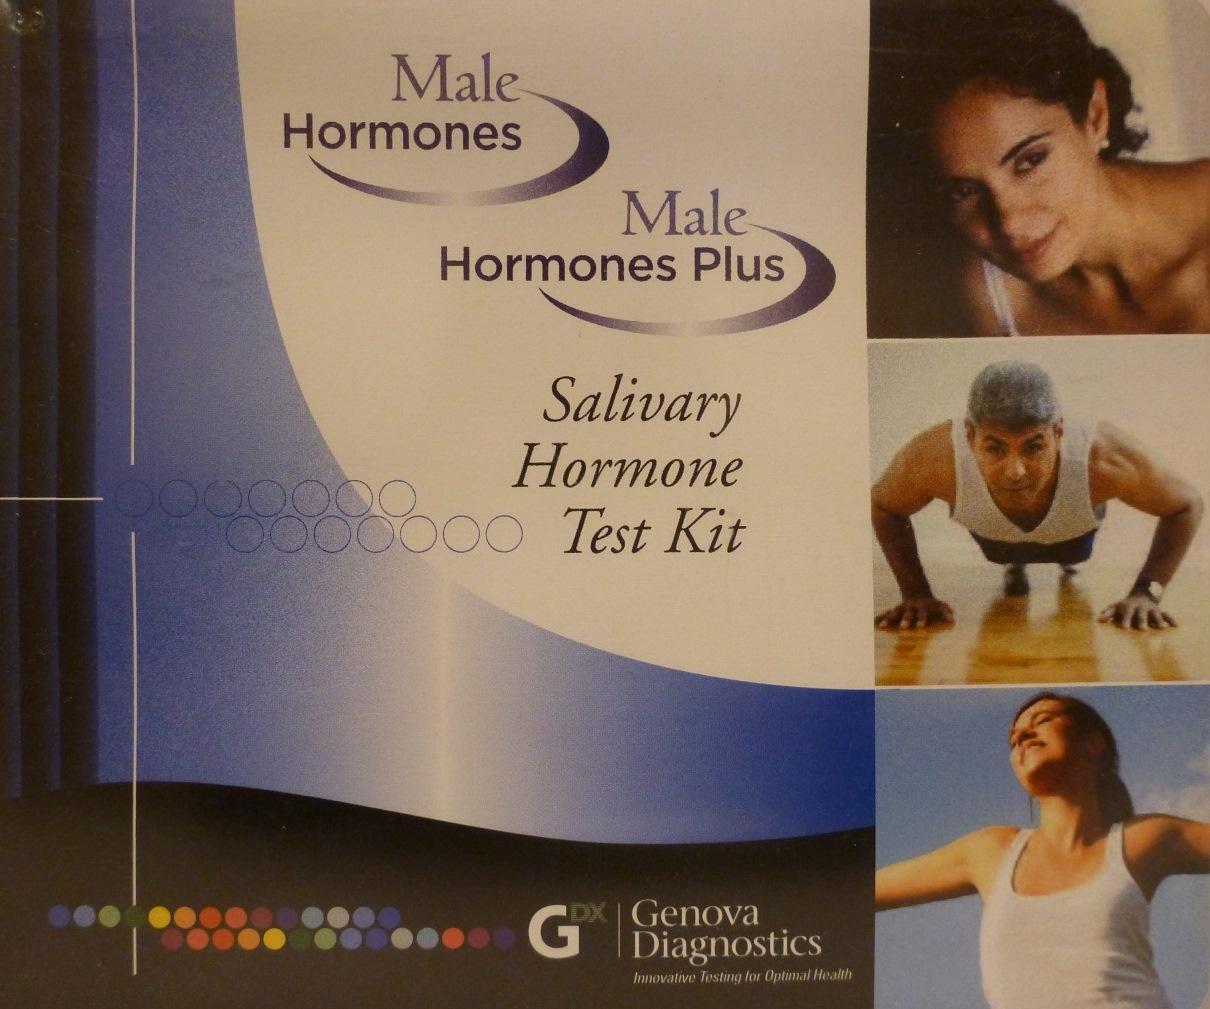 Male Hormone Plus Salivary Test Kit